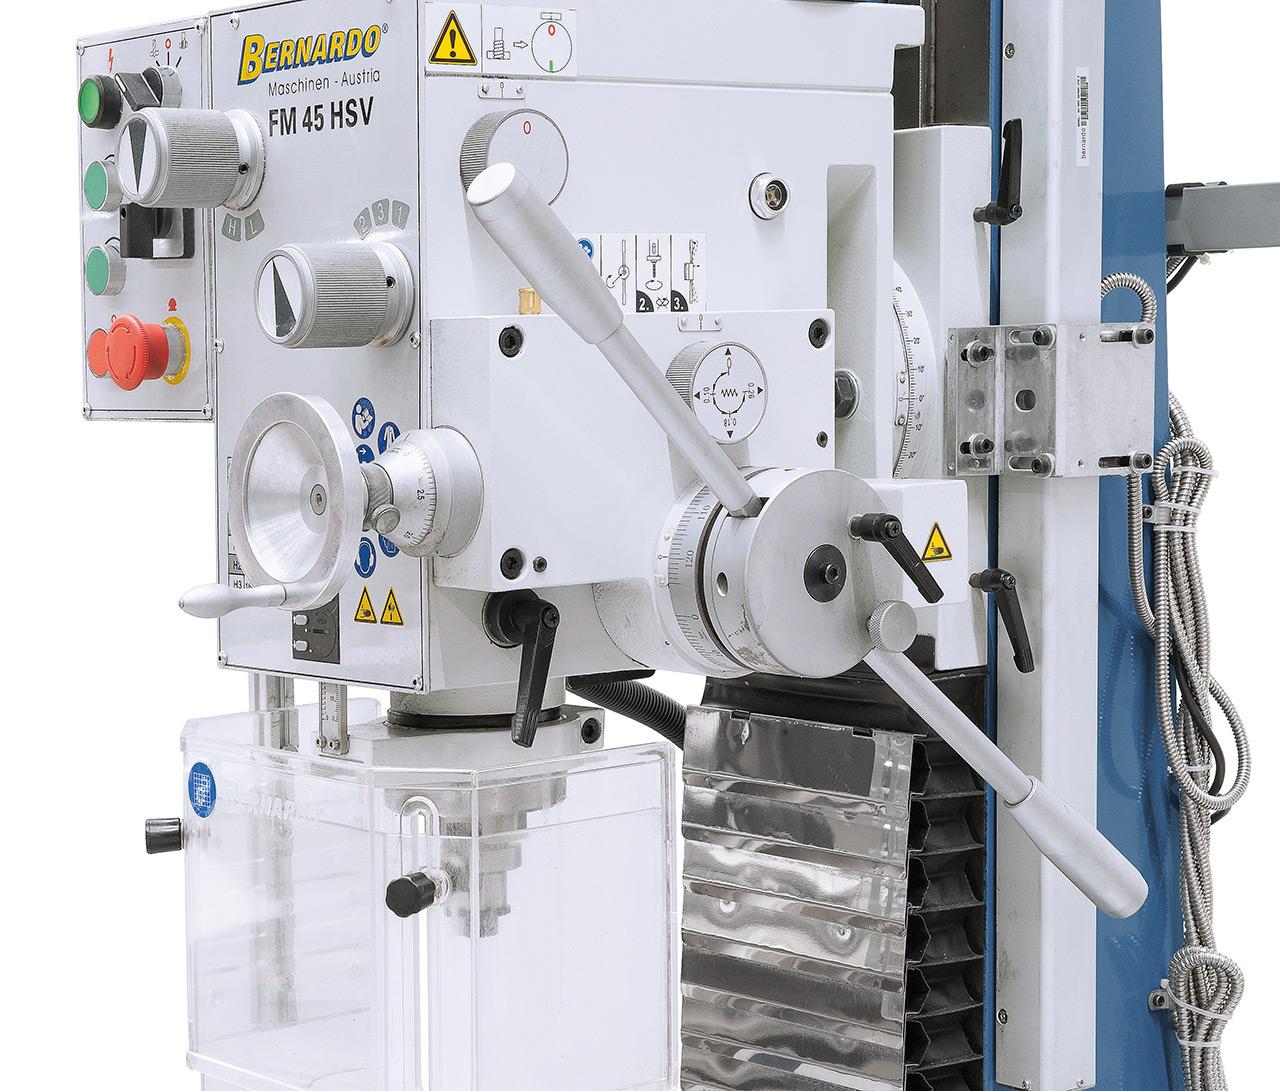 Der Pinolenvorschub kann  wahlweise auf 0,10 / 0,18  oder 0,26 mm/U eingestellt werden.